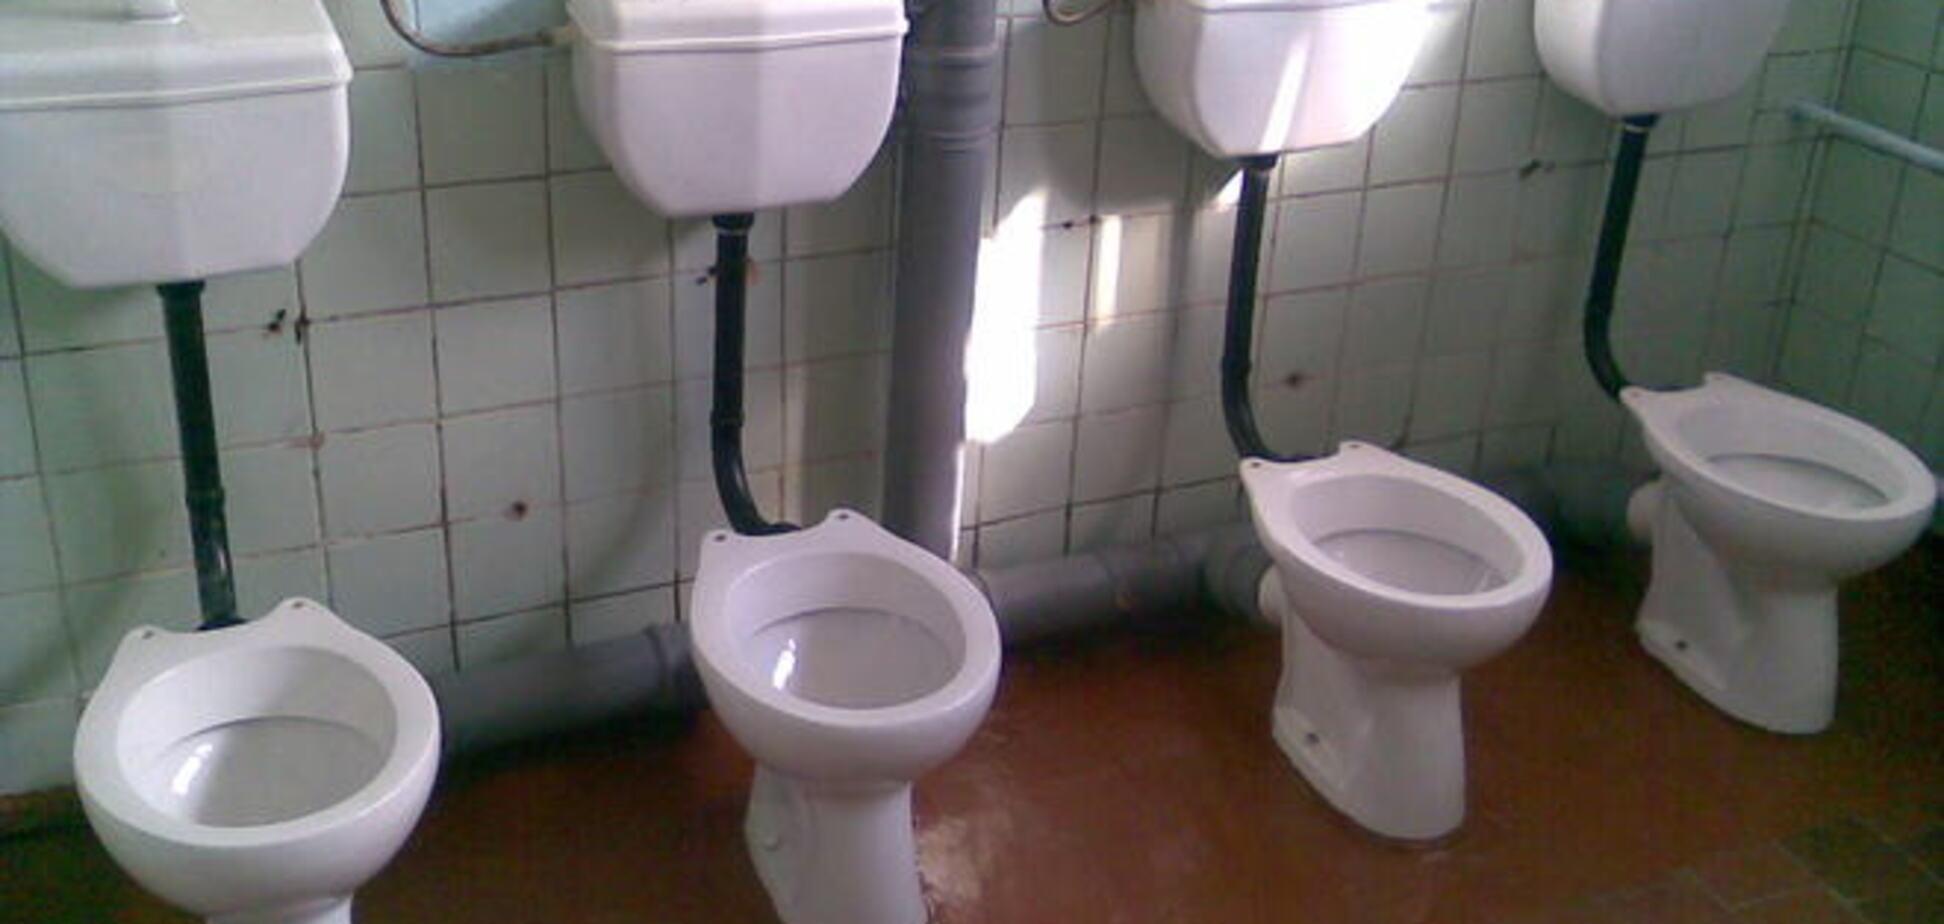 В России учительница подала в суд на коллегу из-за отказа смывать за собой в школьном туалете